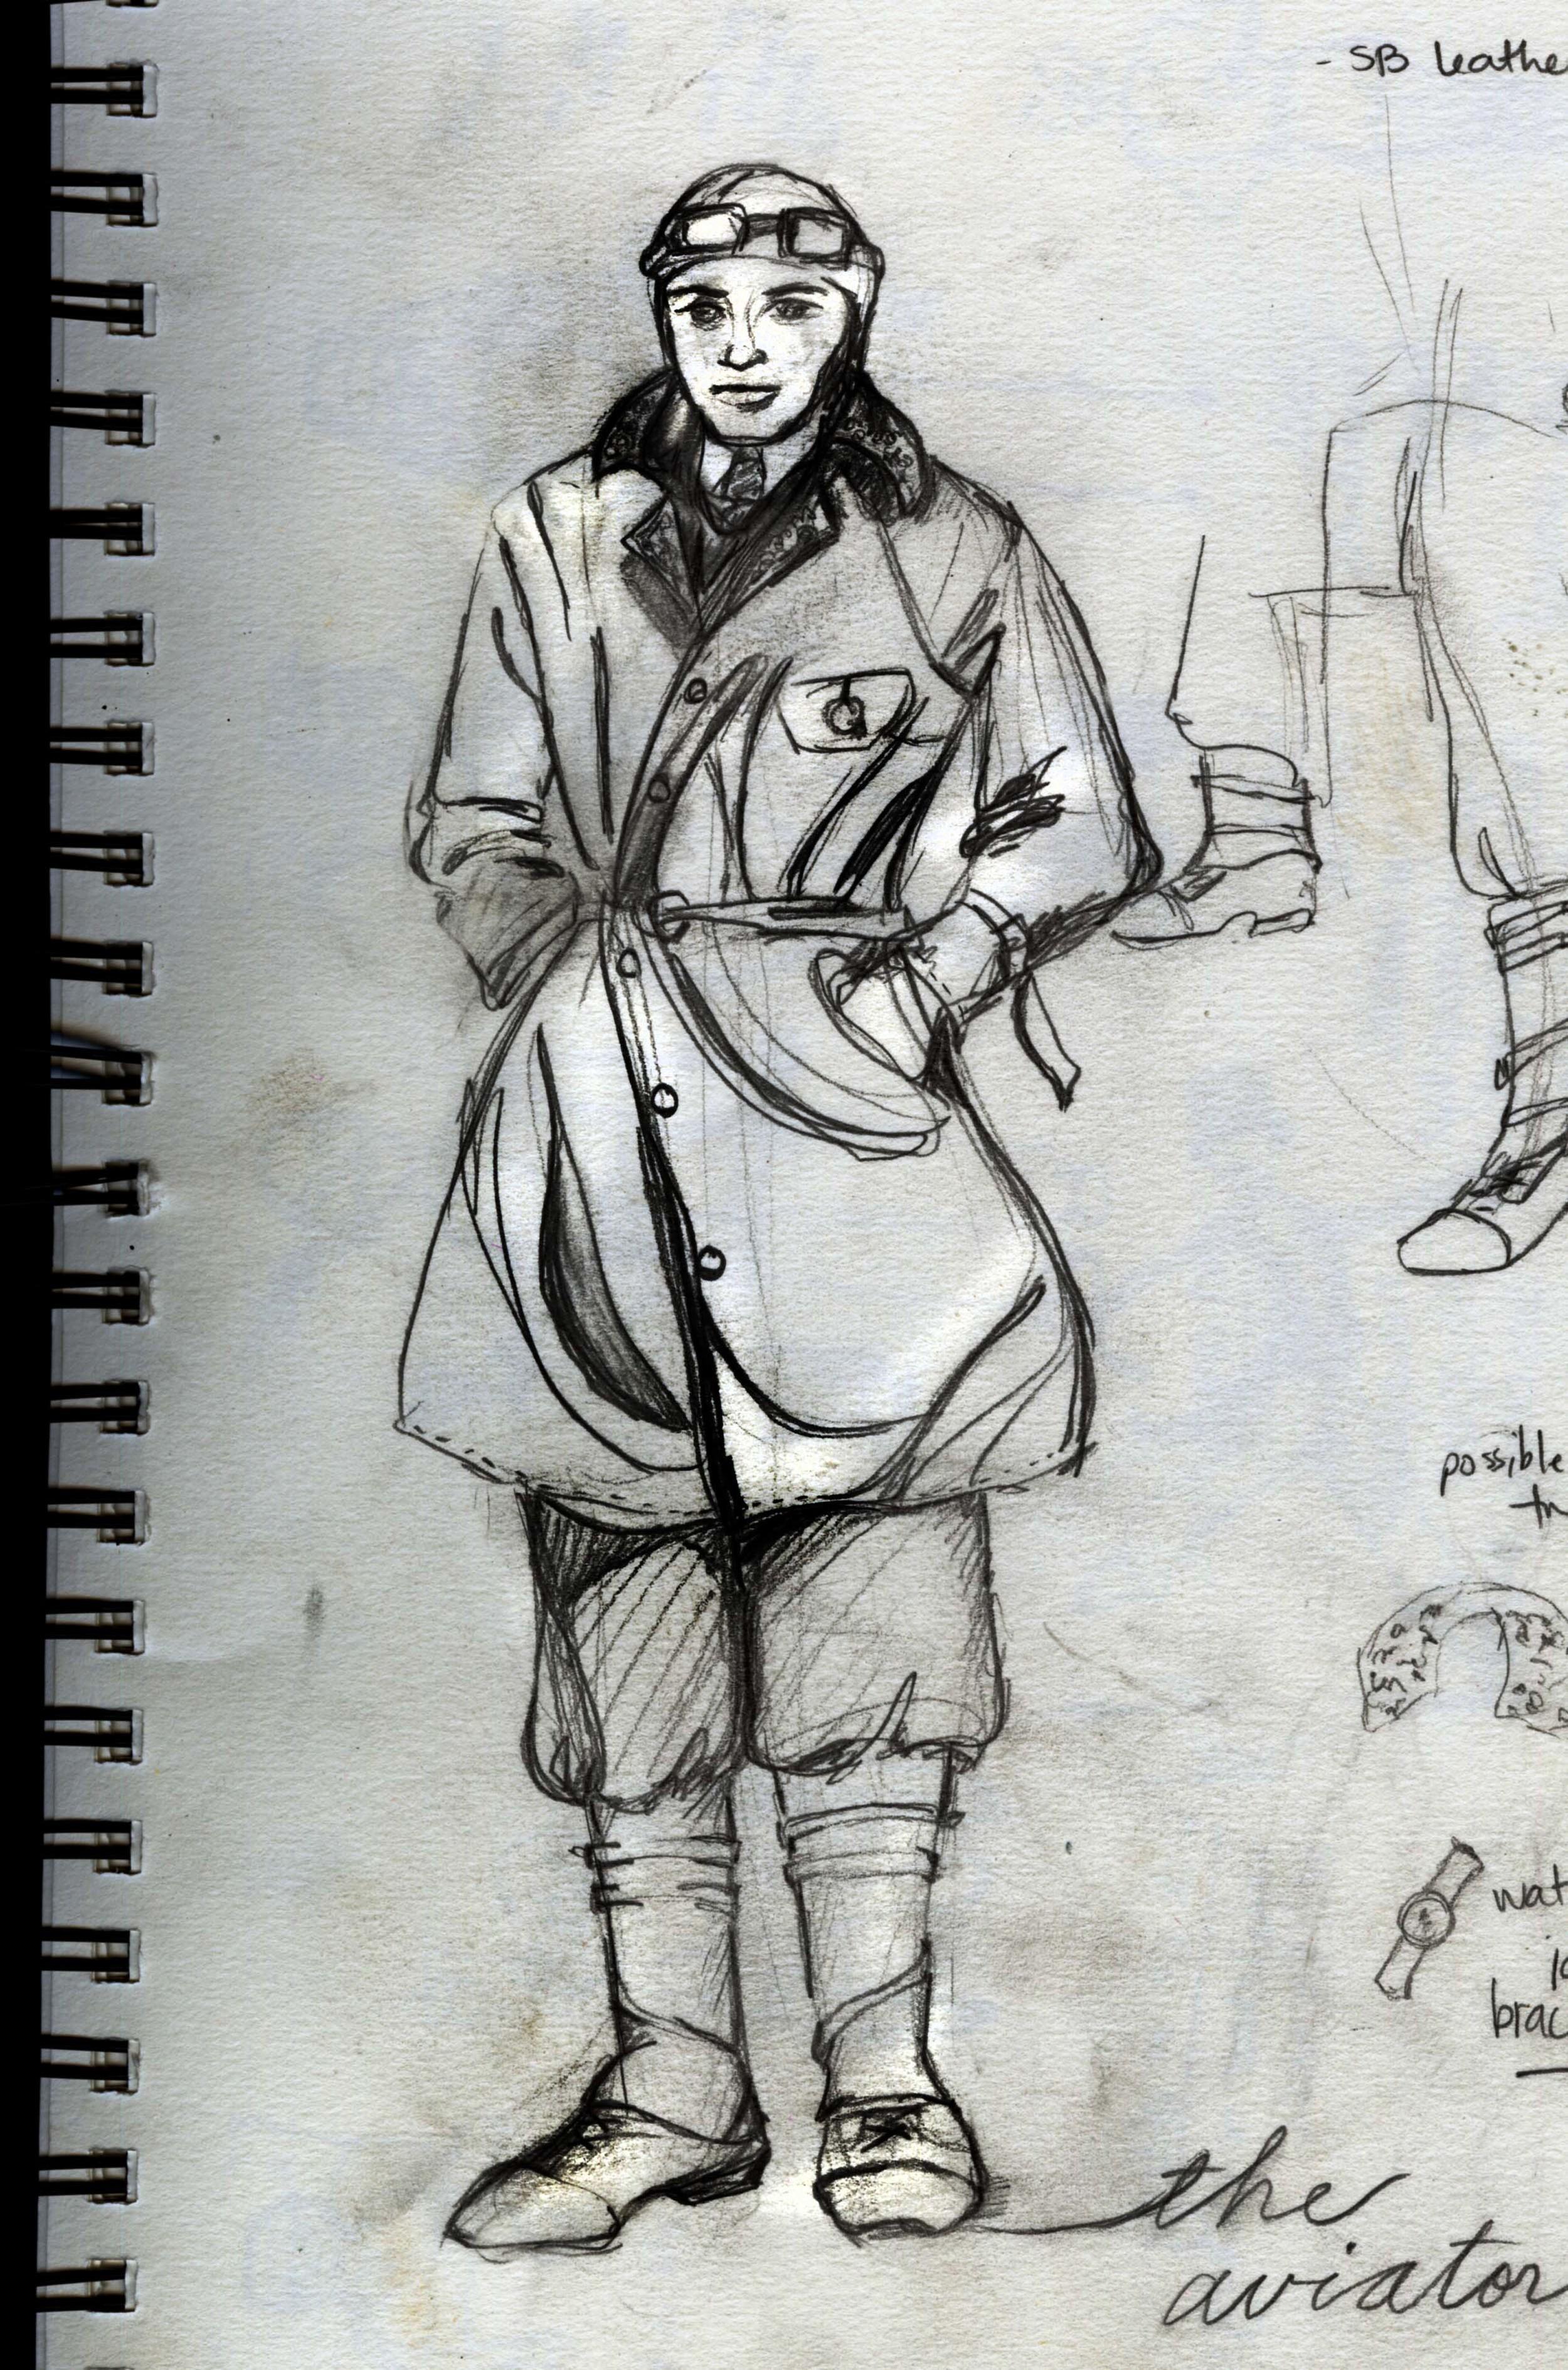 The Aviator: Pencil Sketch